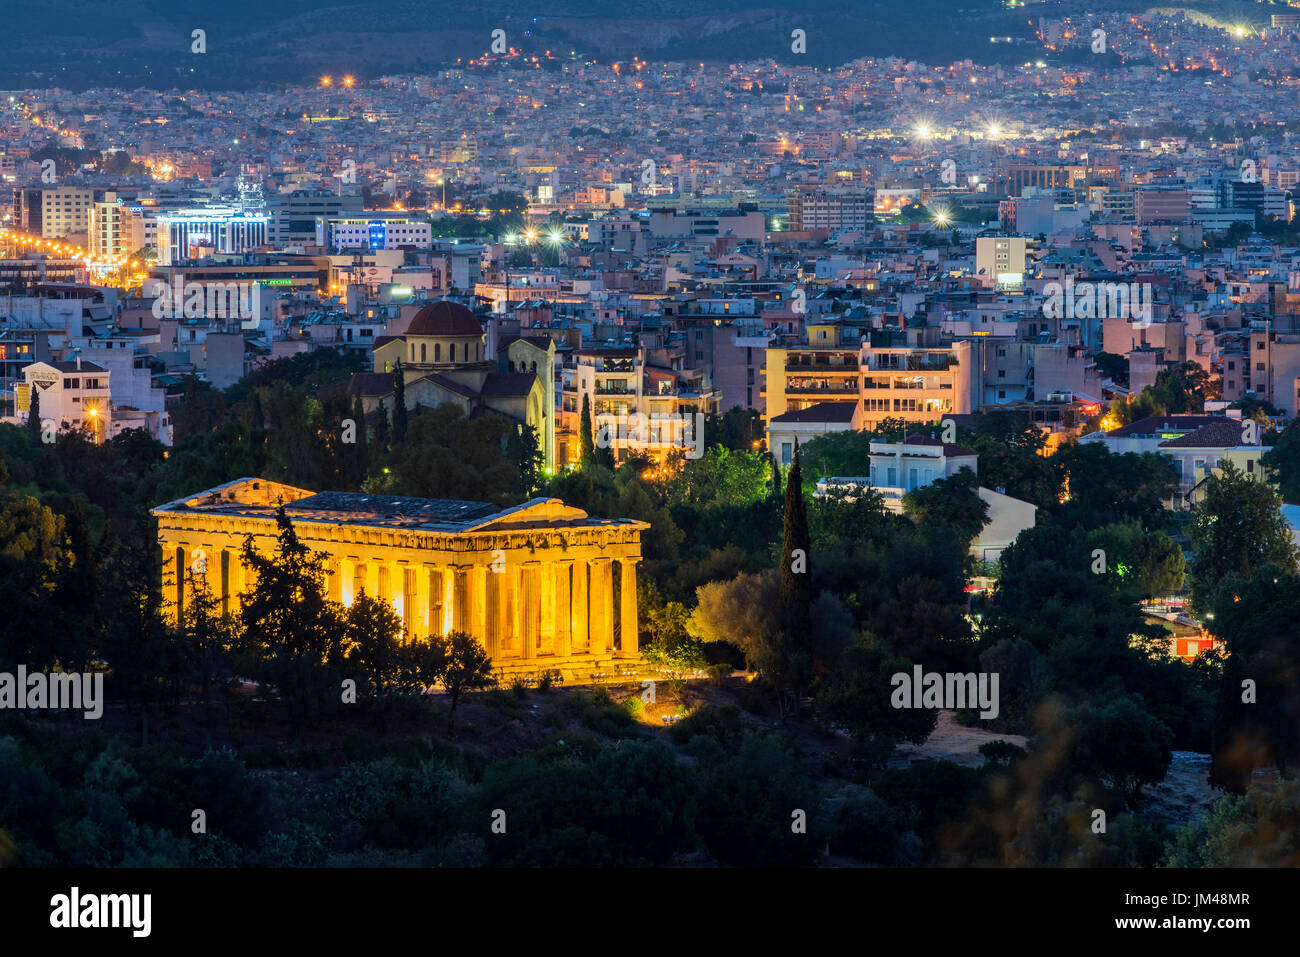 Nachtansicht der Tempel des Hephaistos und Stadt Skyline hinter, Athen, Attika, Griechenland Stockbild